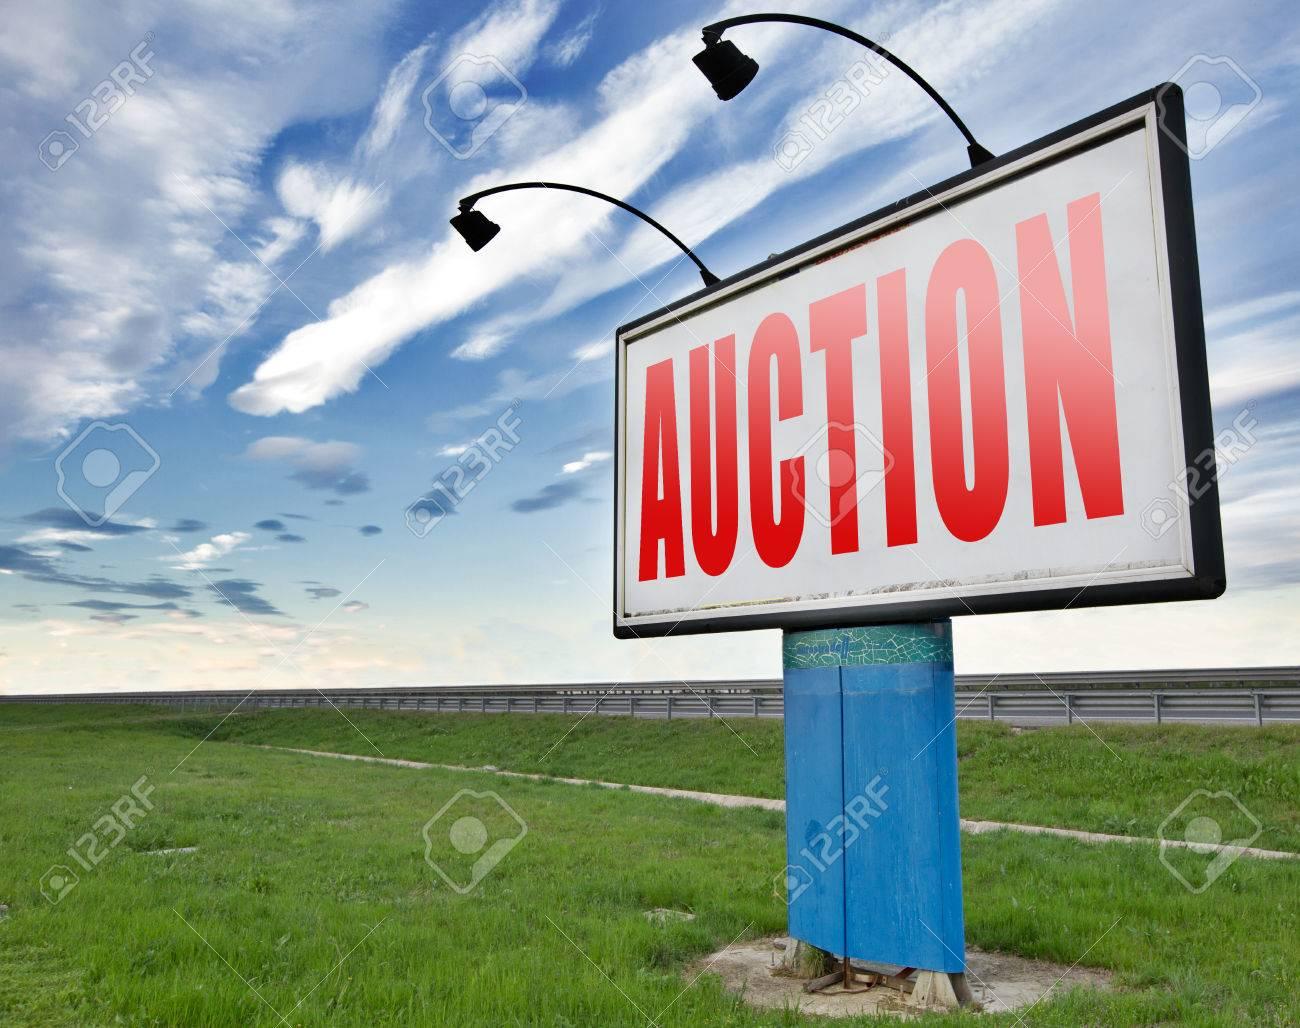 Banque d images - Vente aux enchères en ligne de vente et d achat sur  internet de produits automobiles maisons et biens immobiliers. cd150a214d7a